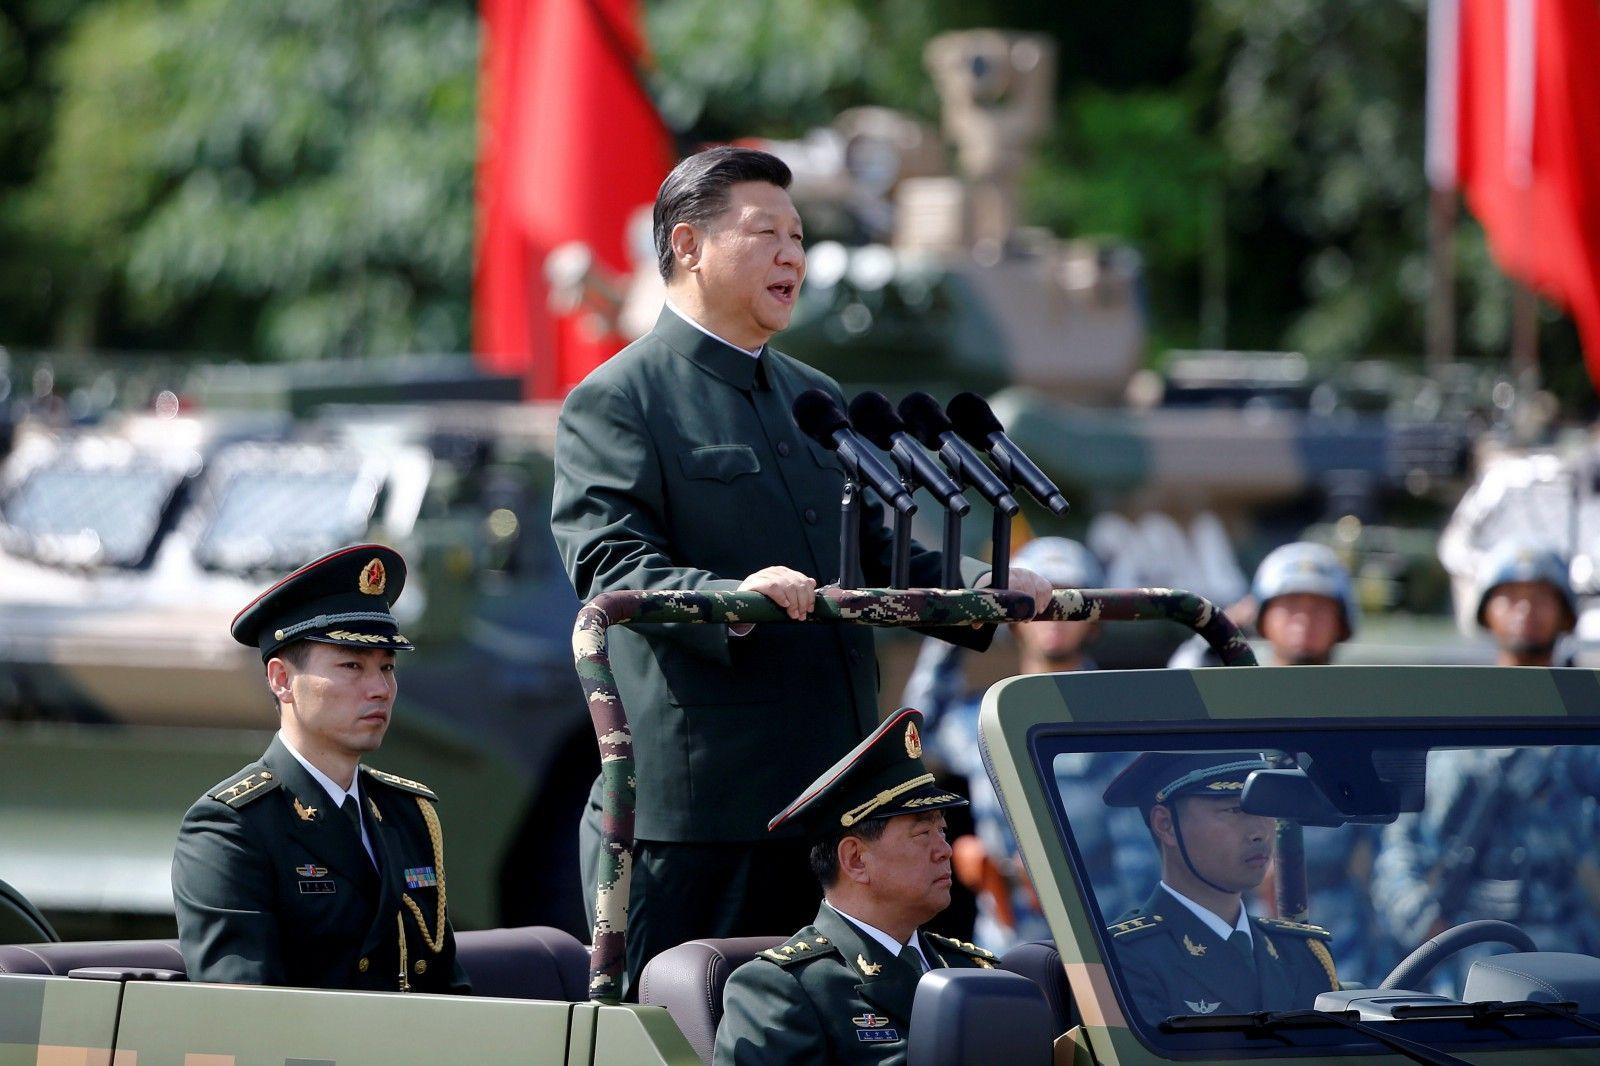 If Xi'S Gotta Have It, Xi'll Get It